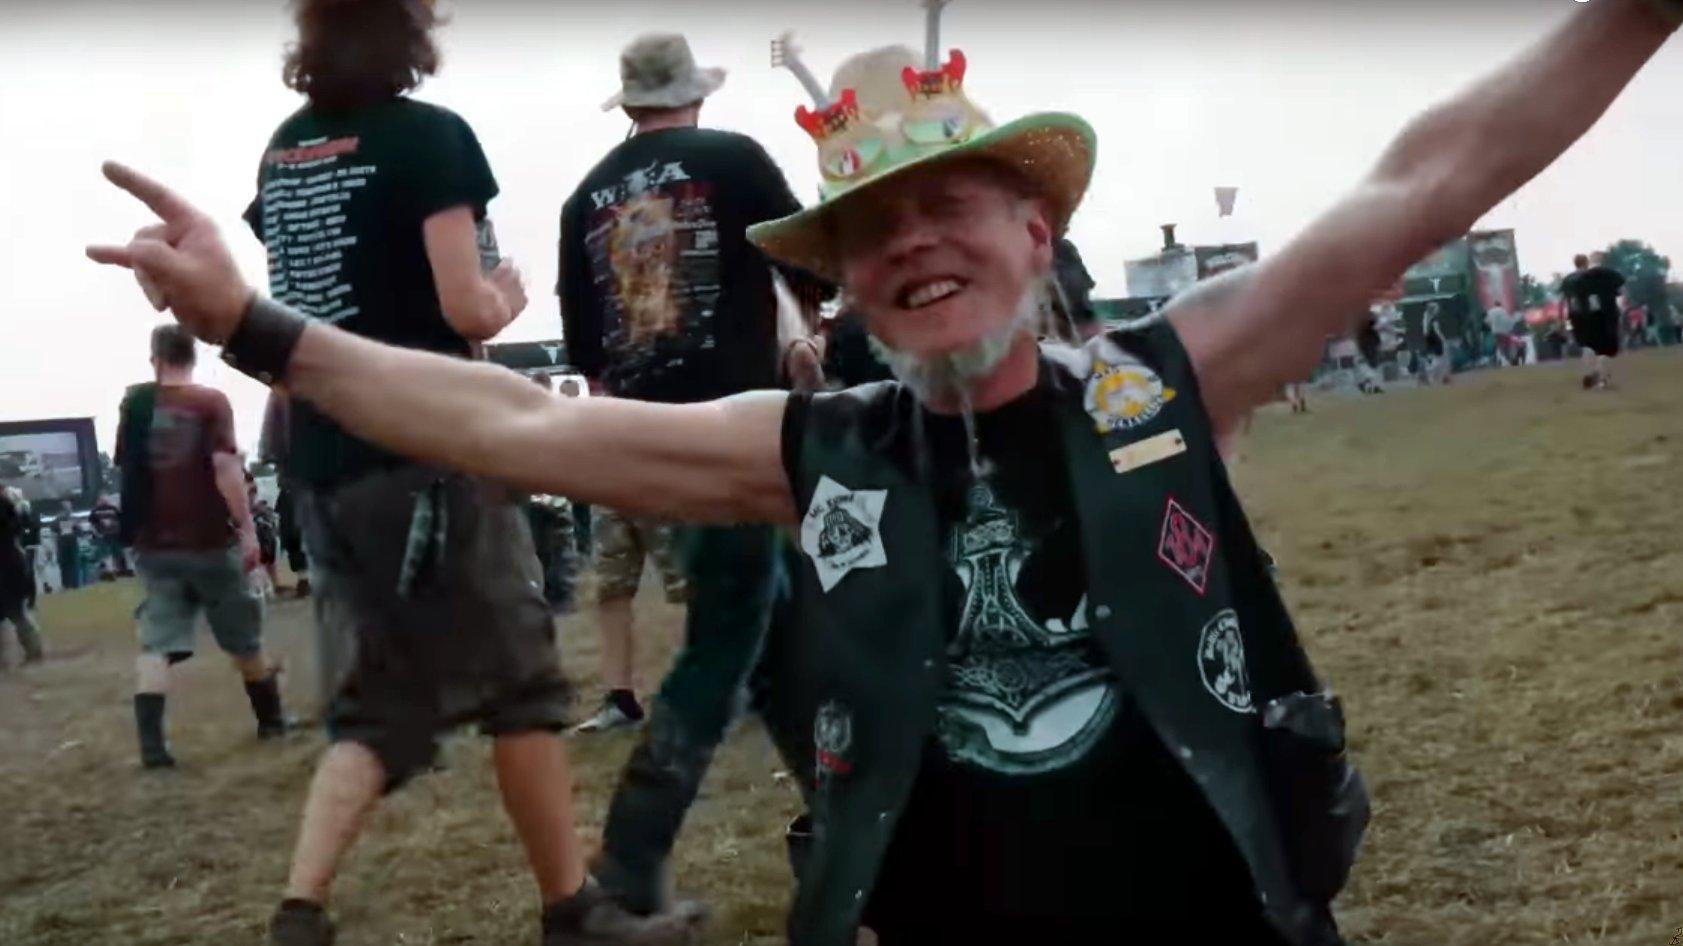 Videoblog: Inside Wacken 2017